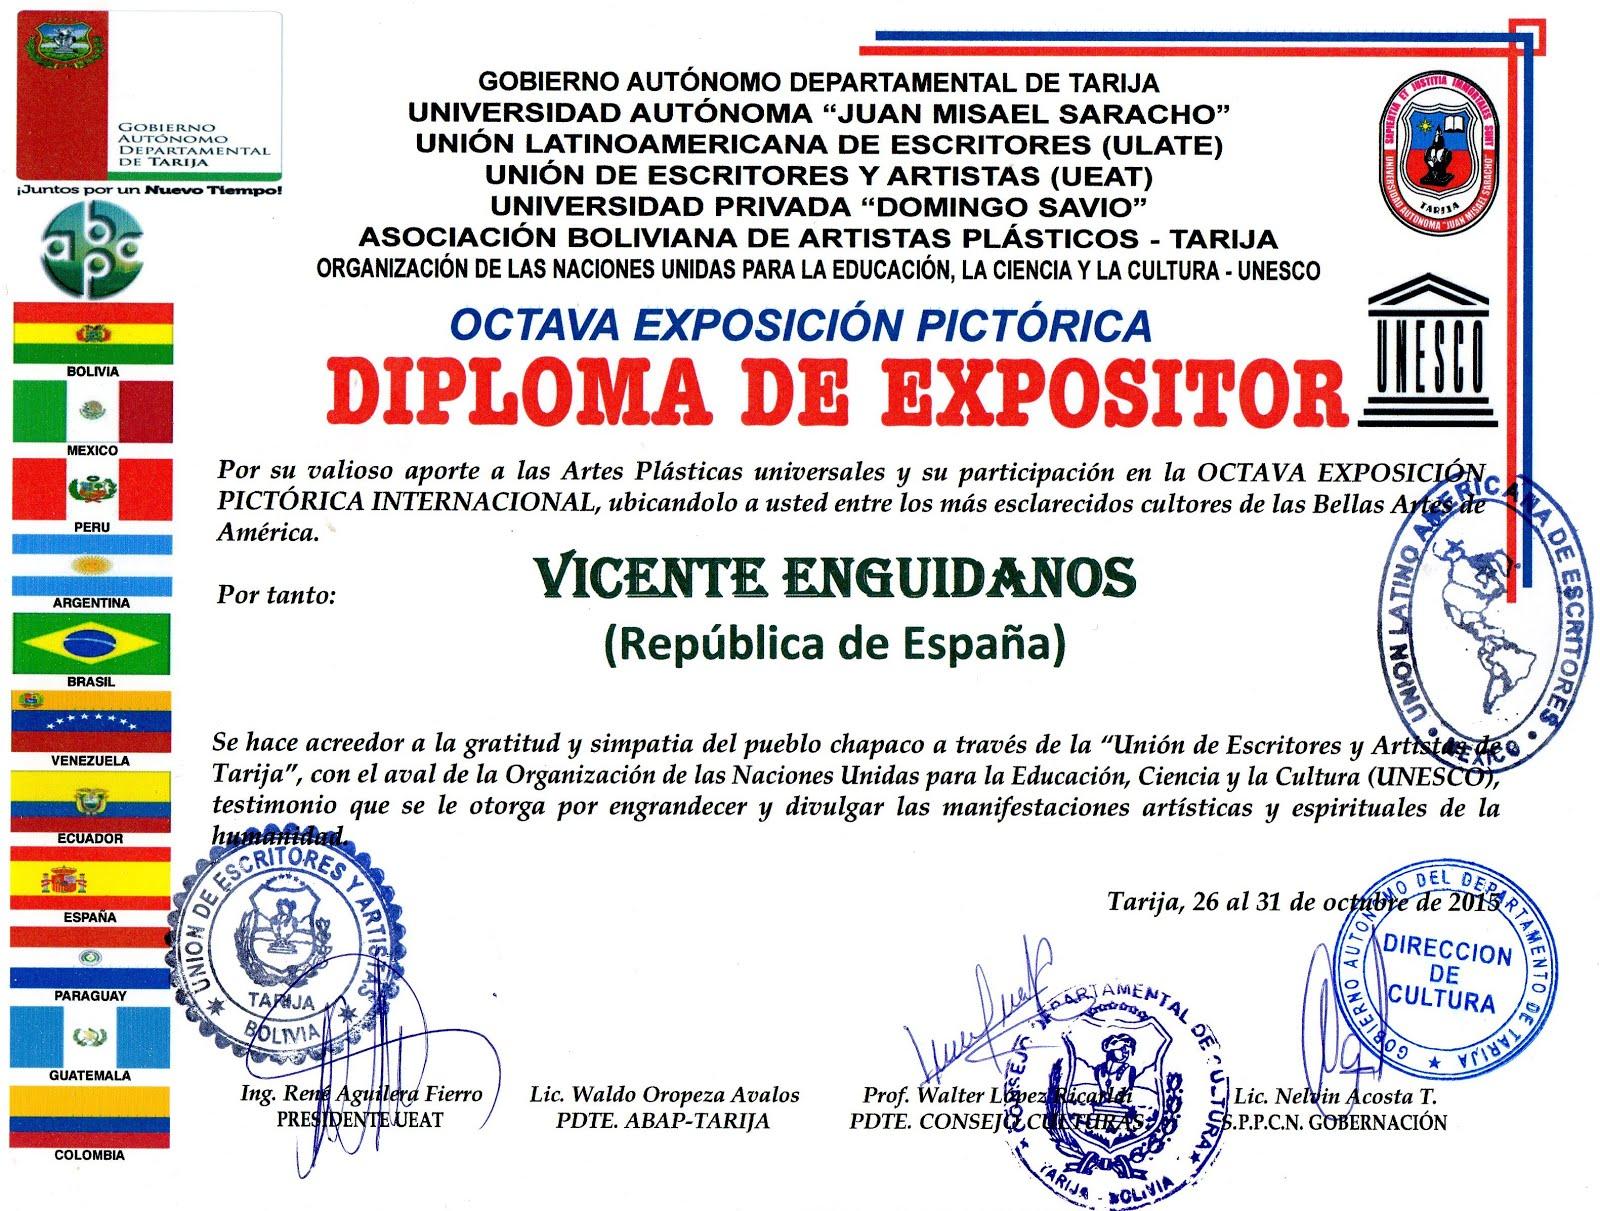 DIPLOMA DE EXPOSITOR